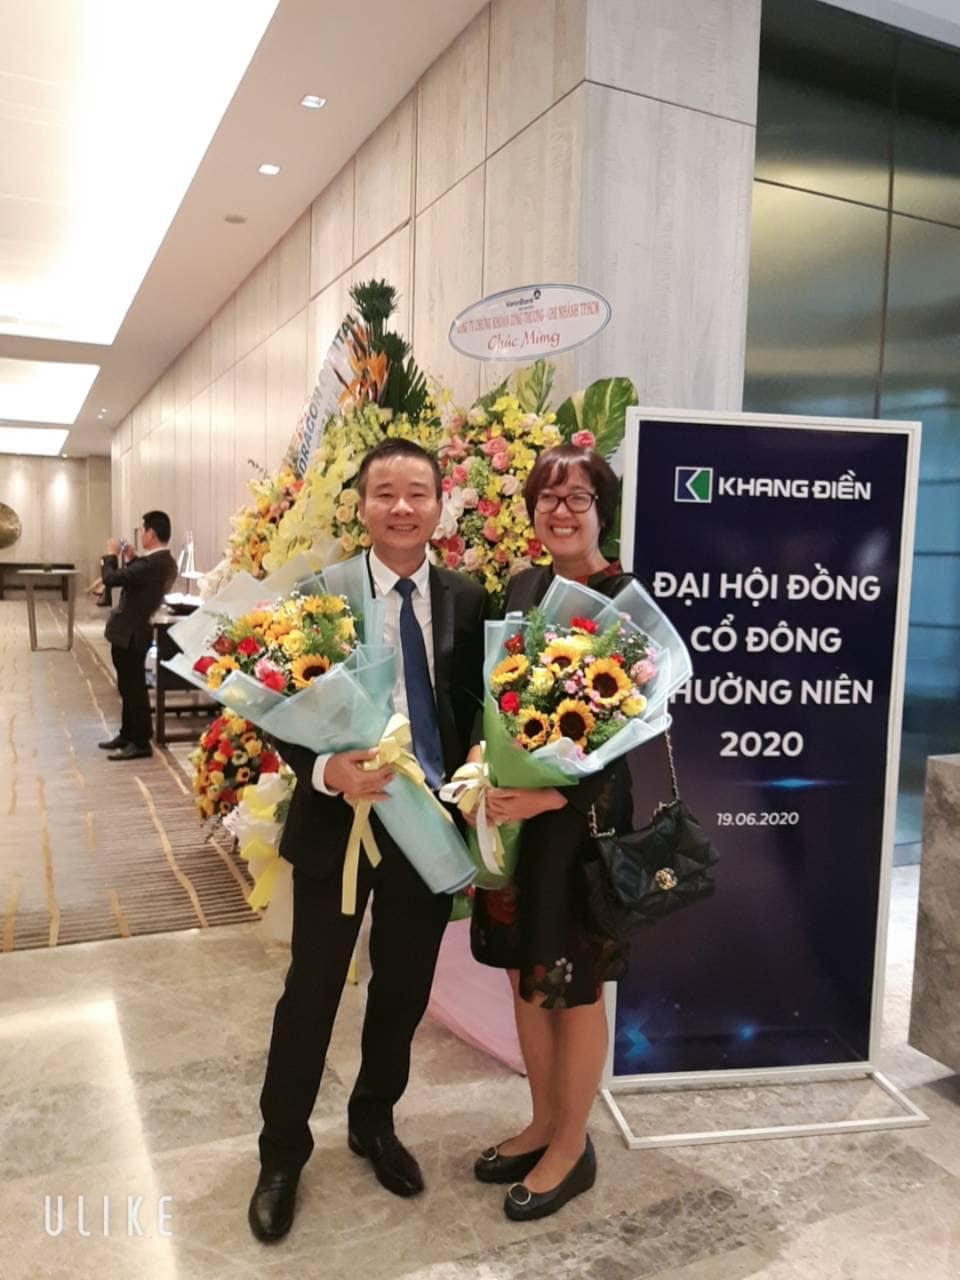 Cựu Tổng Giám đốc Ngô Thị Mai Chi chúc mừng Tân Tổng Giám đốc Lê Quang Minh - Tập đoàn Khang Điền